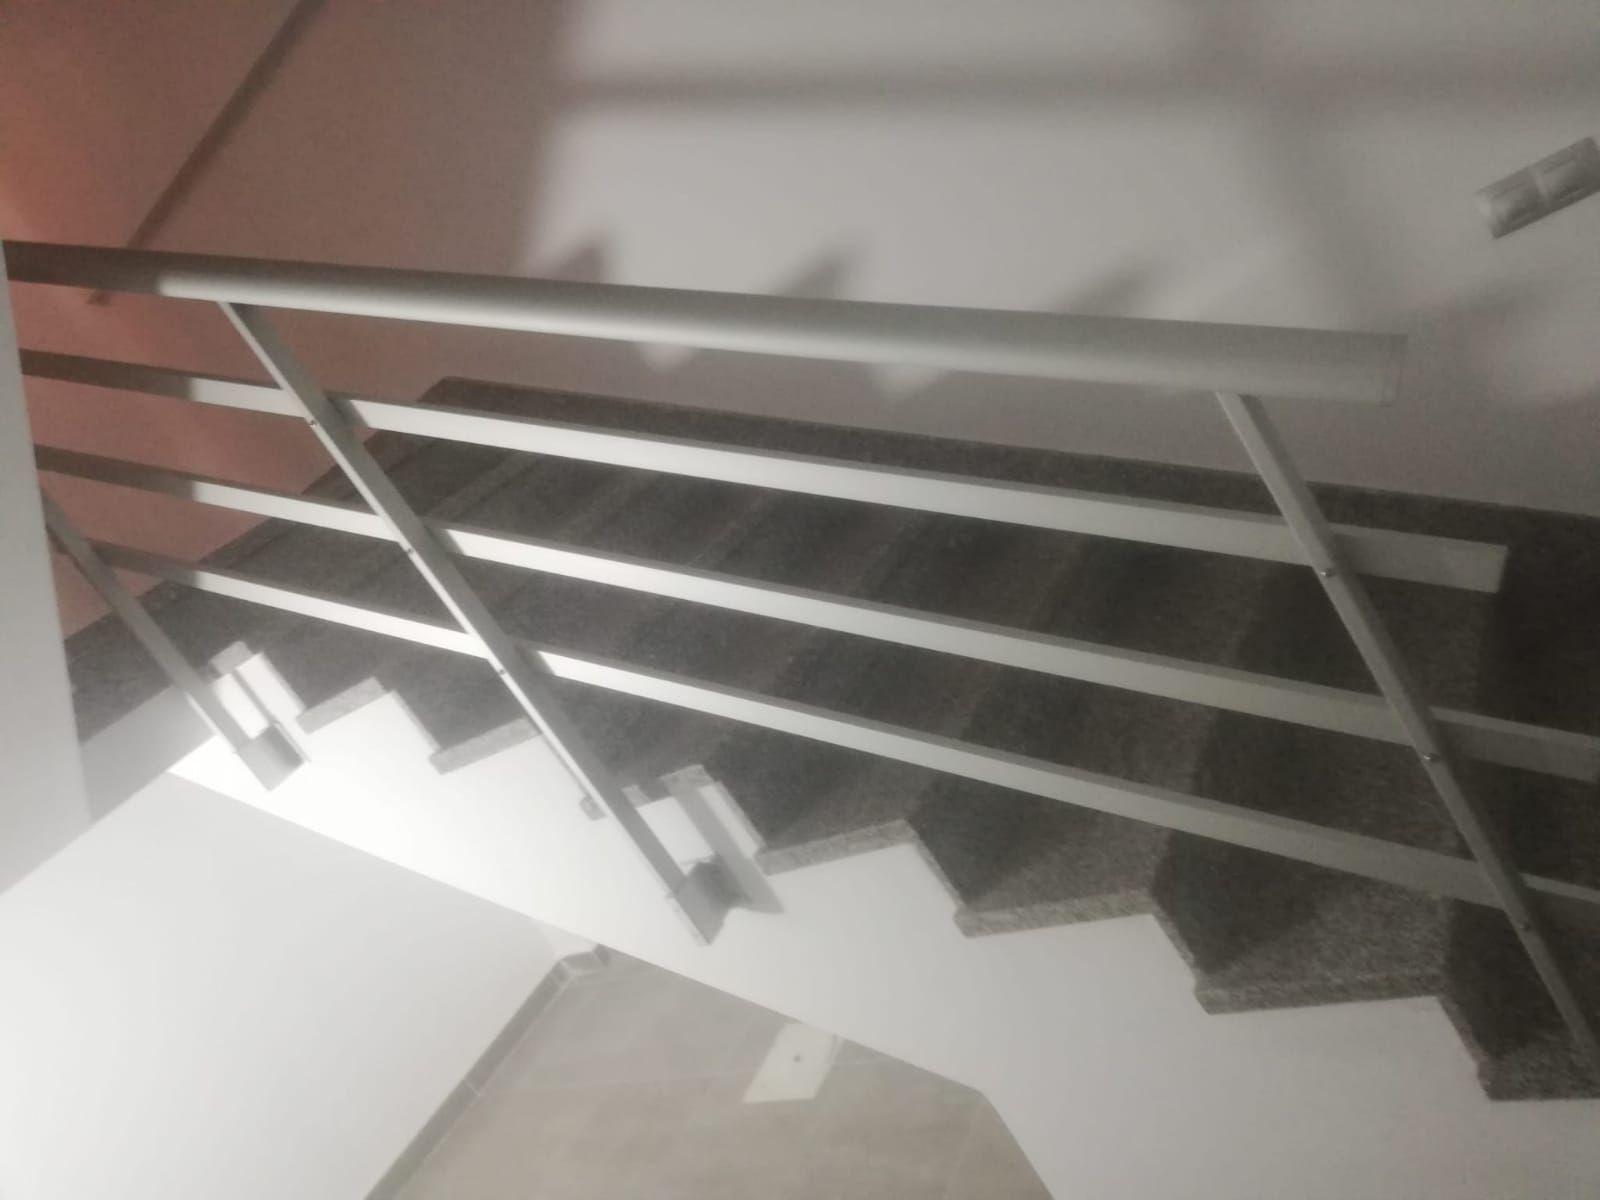 Foto 41 de Carpintería de aluminio, metálica y PVC en La Matanza | Namiju Aluminios